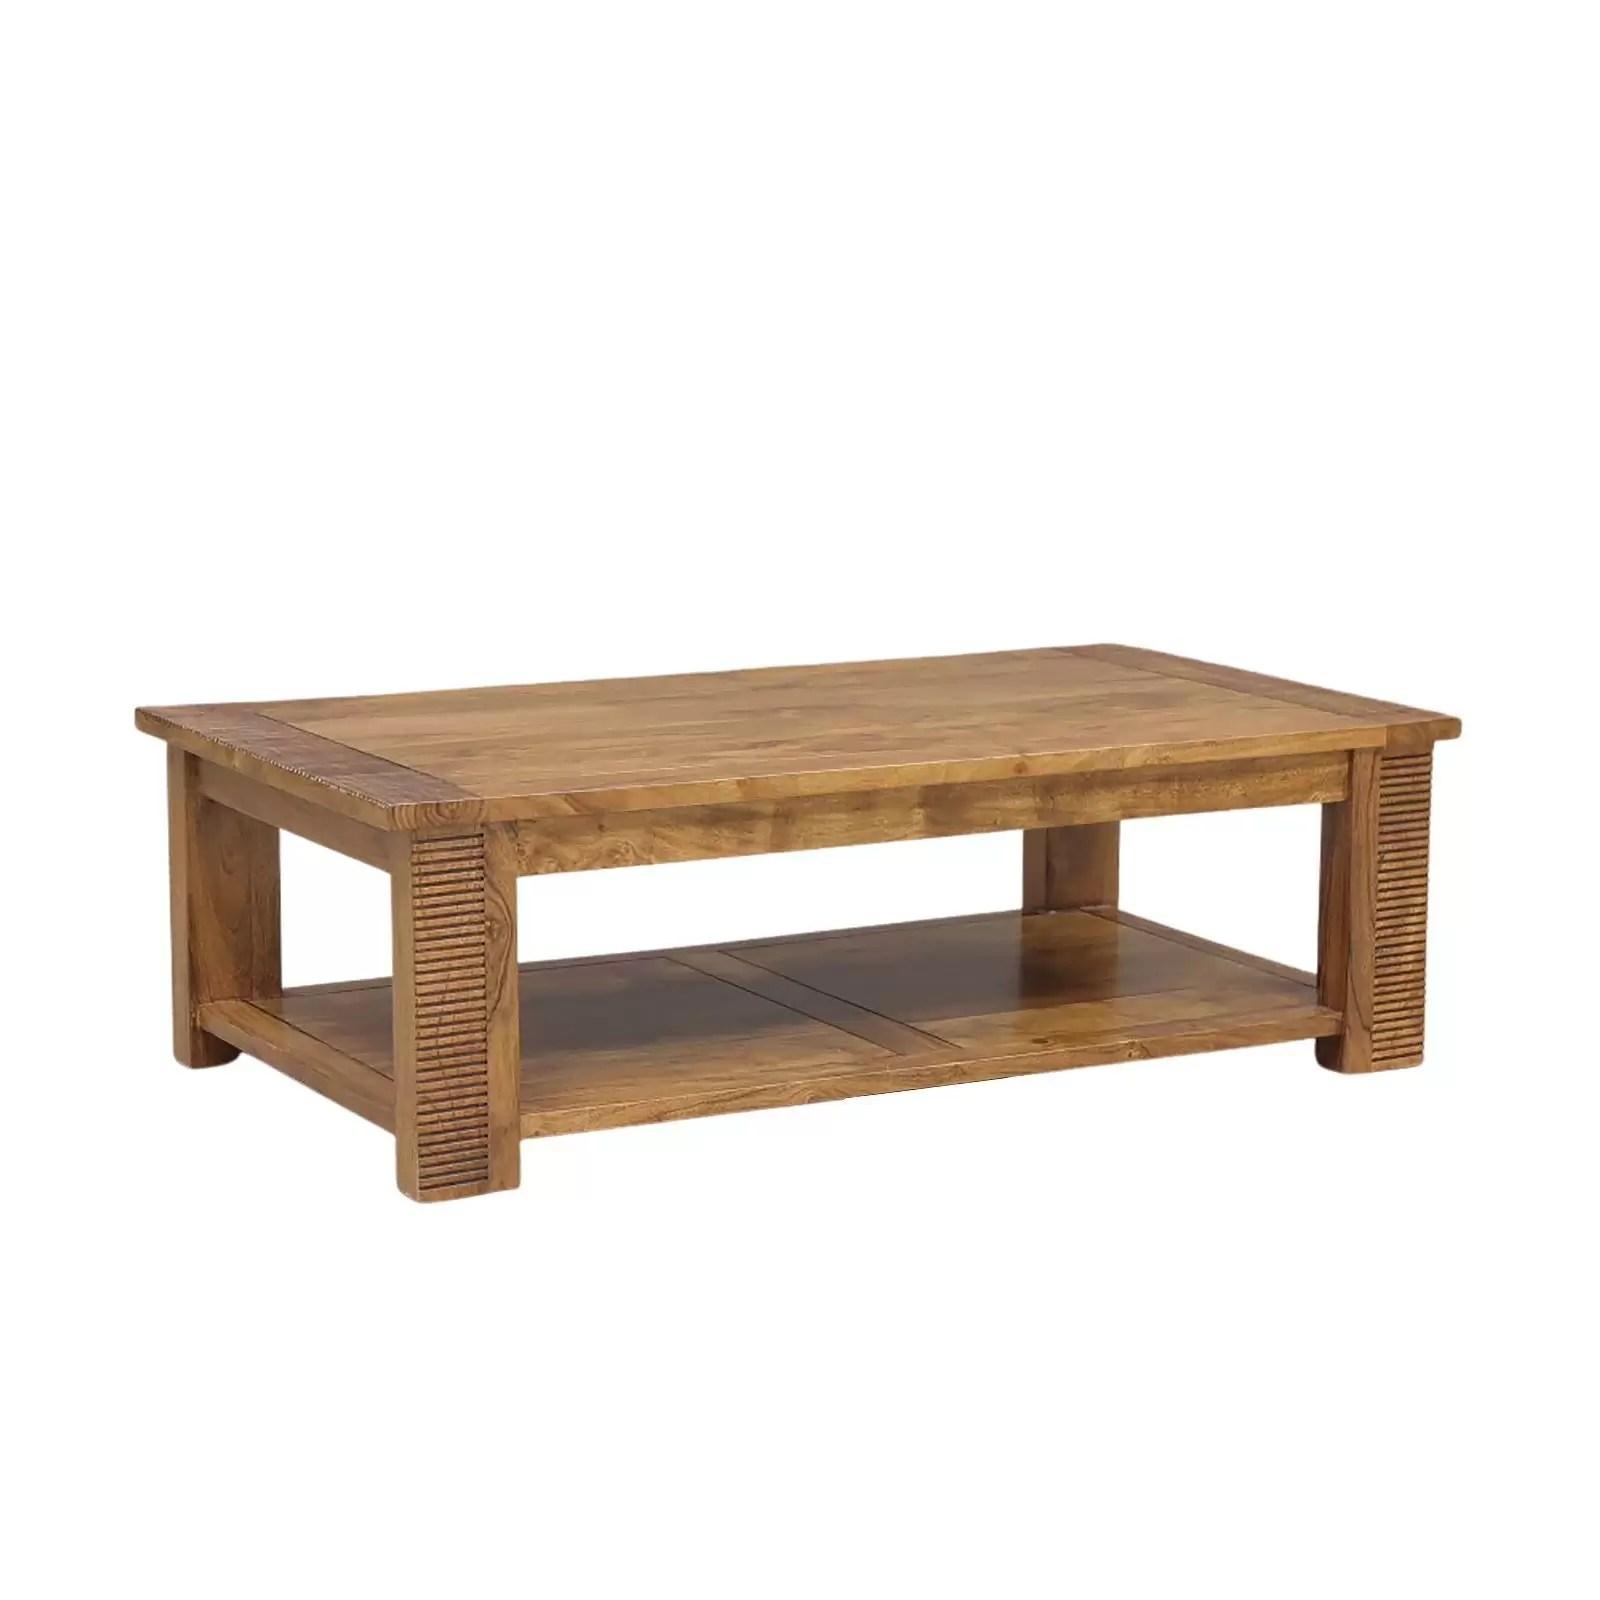 meuble tv verone ethnique chic en bois d acacia massif 2 portes et 2 niches